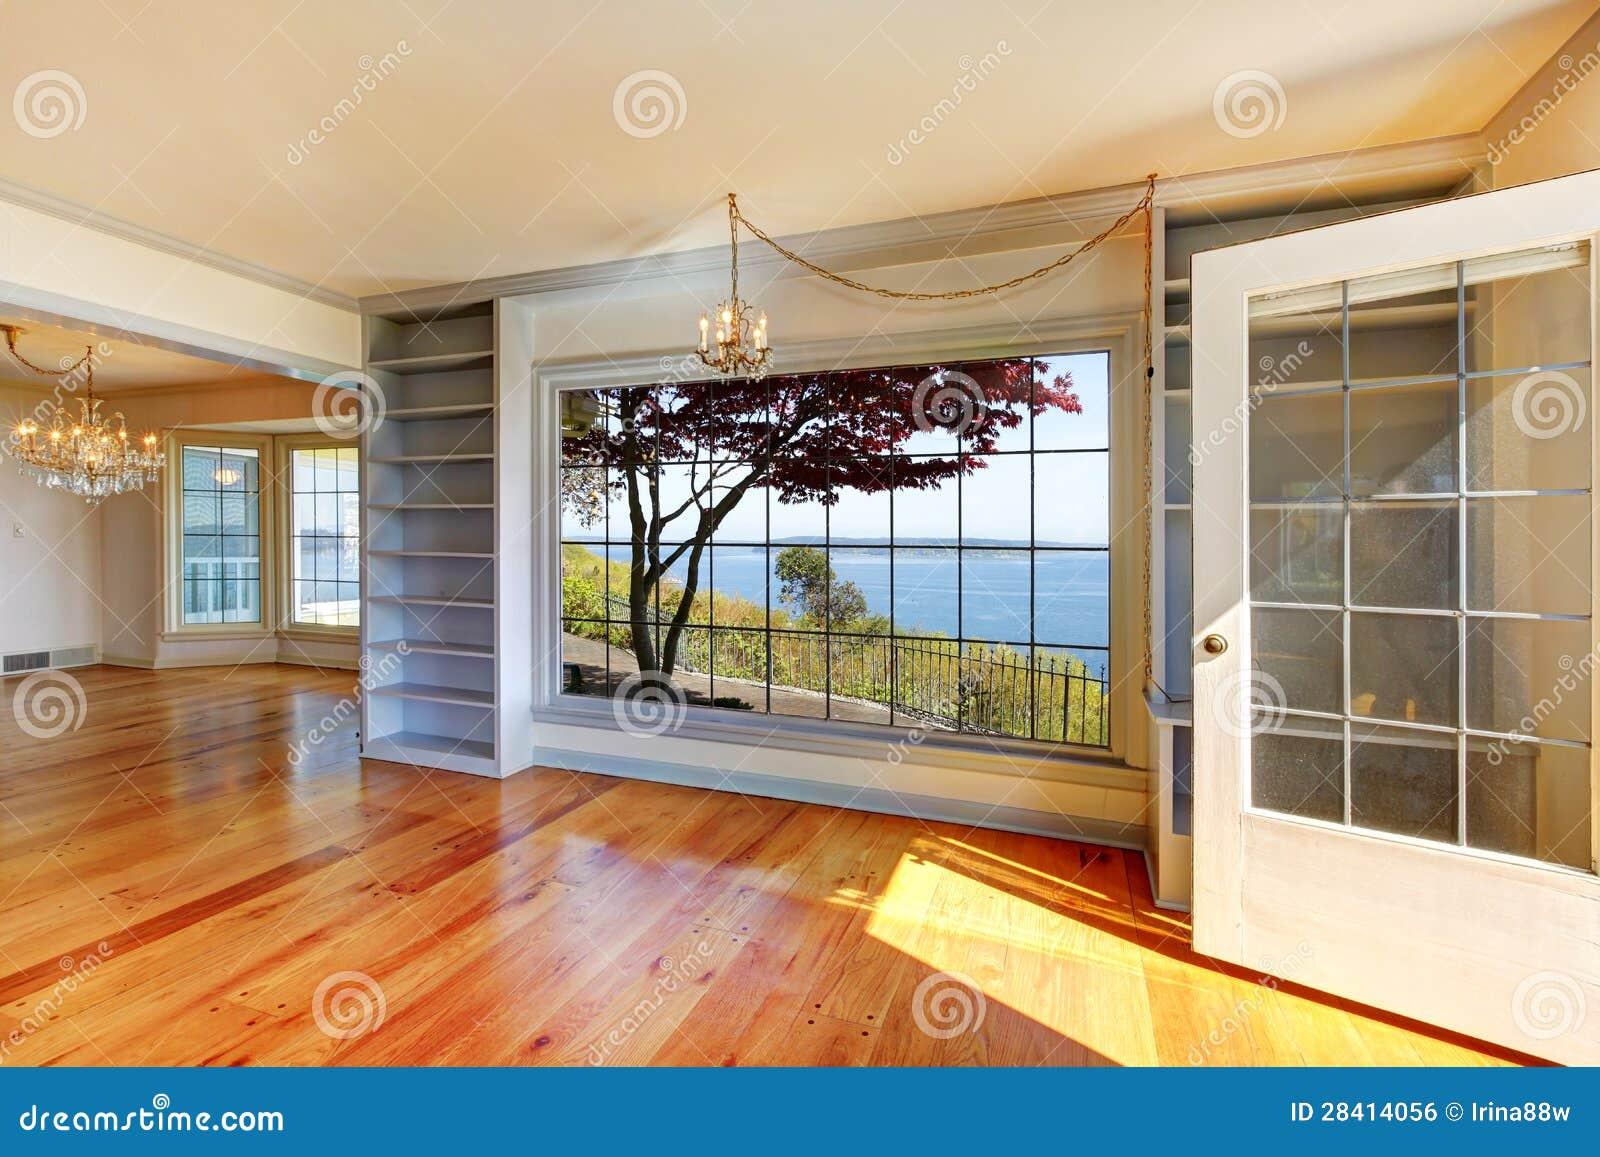 Salles vides avec la vue de l eau et les grands hublots.